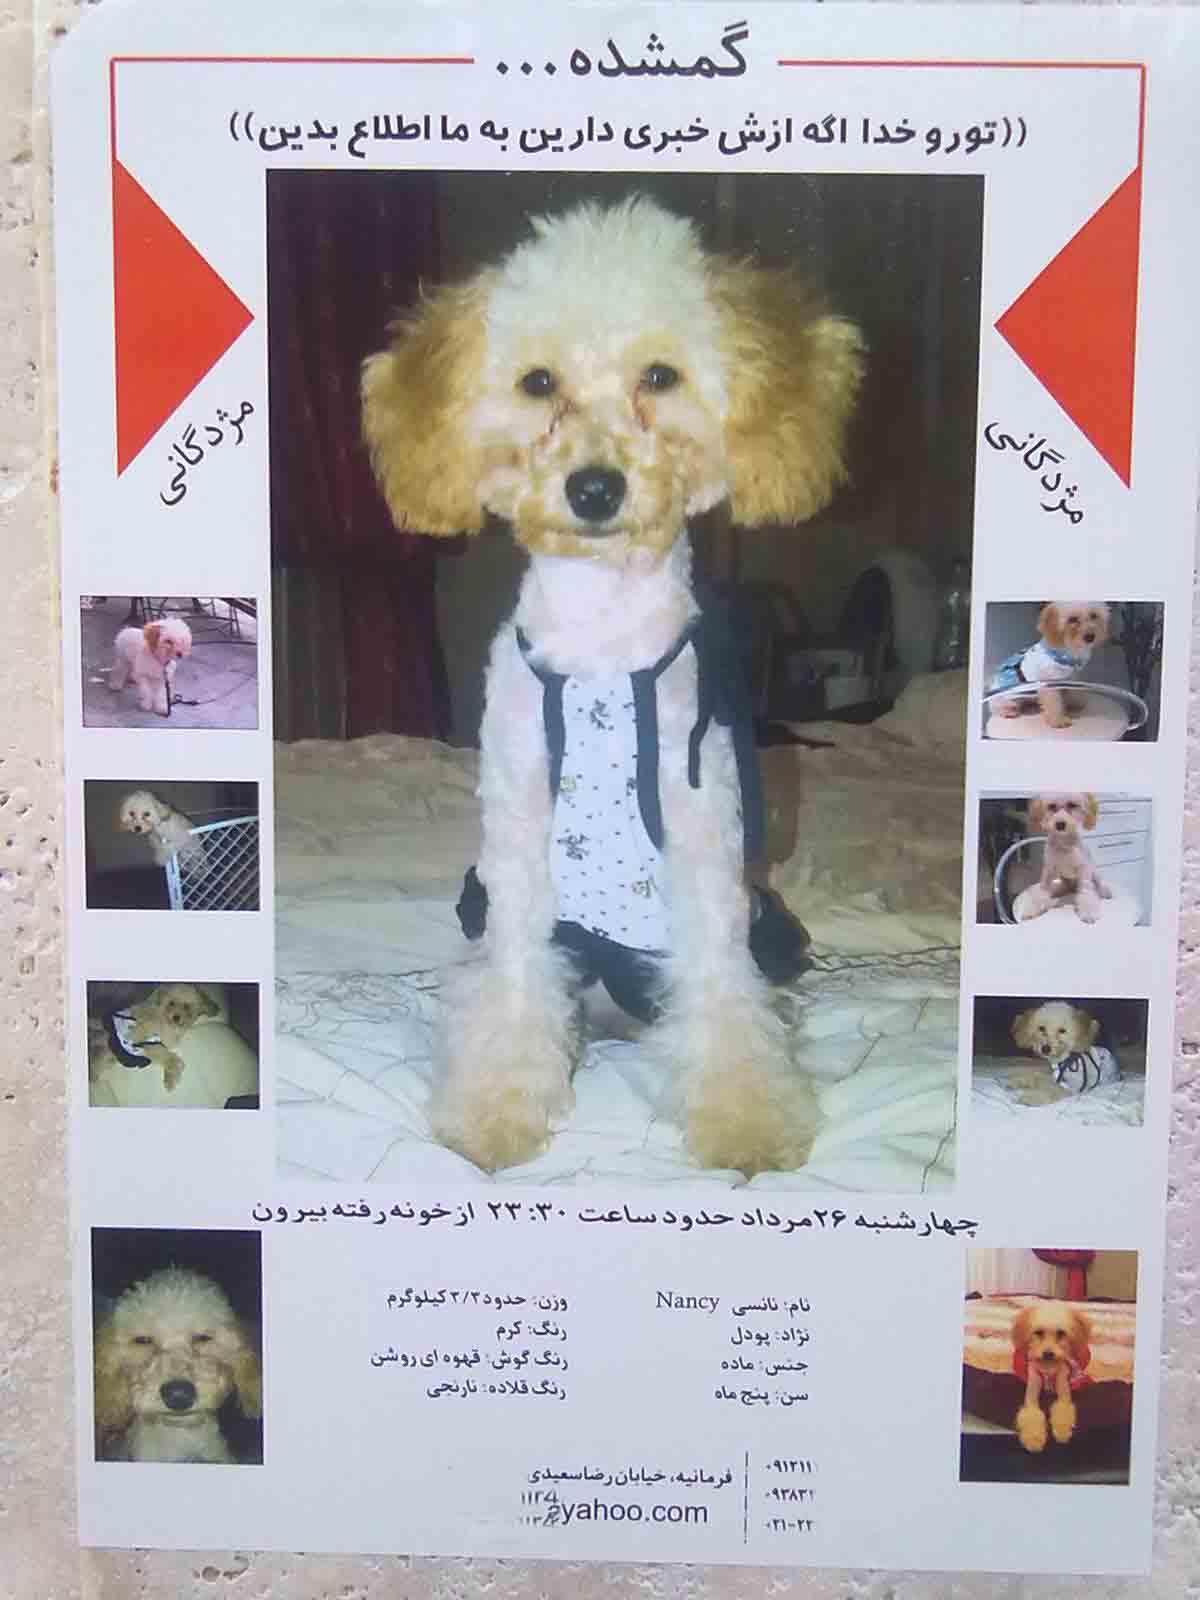 آگهی پیدا کردن نانسی در شمال تهران +تصویر